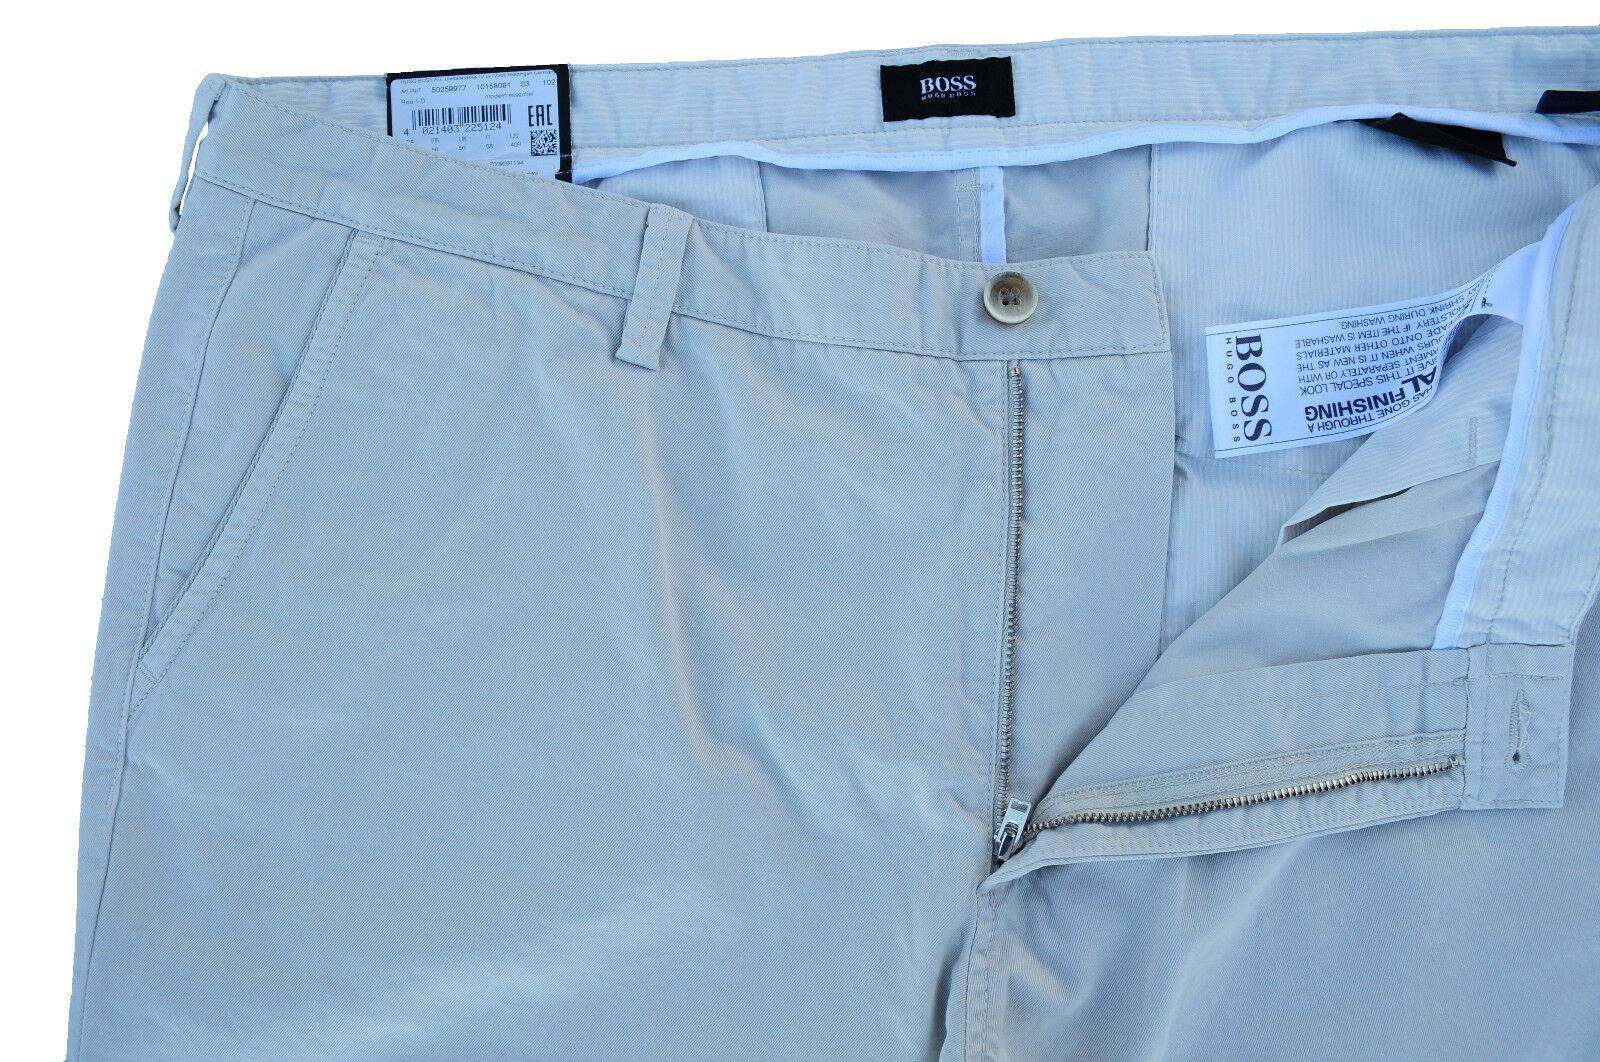 NUOVO TAGLIA 56 SLIM FIT STRETCH HUGO BOSS Rice 1-d 1-d 1-d Pantaloni Jeans () 50284629 ORIGINALE a11ece